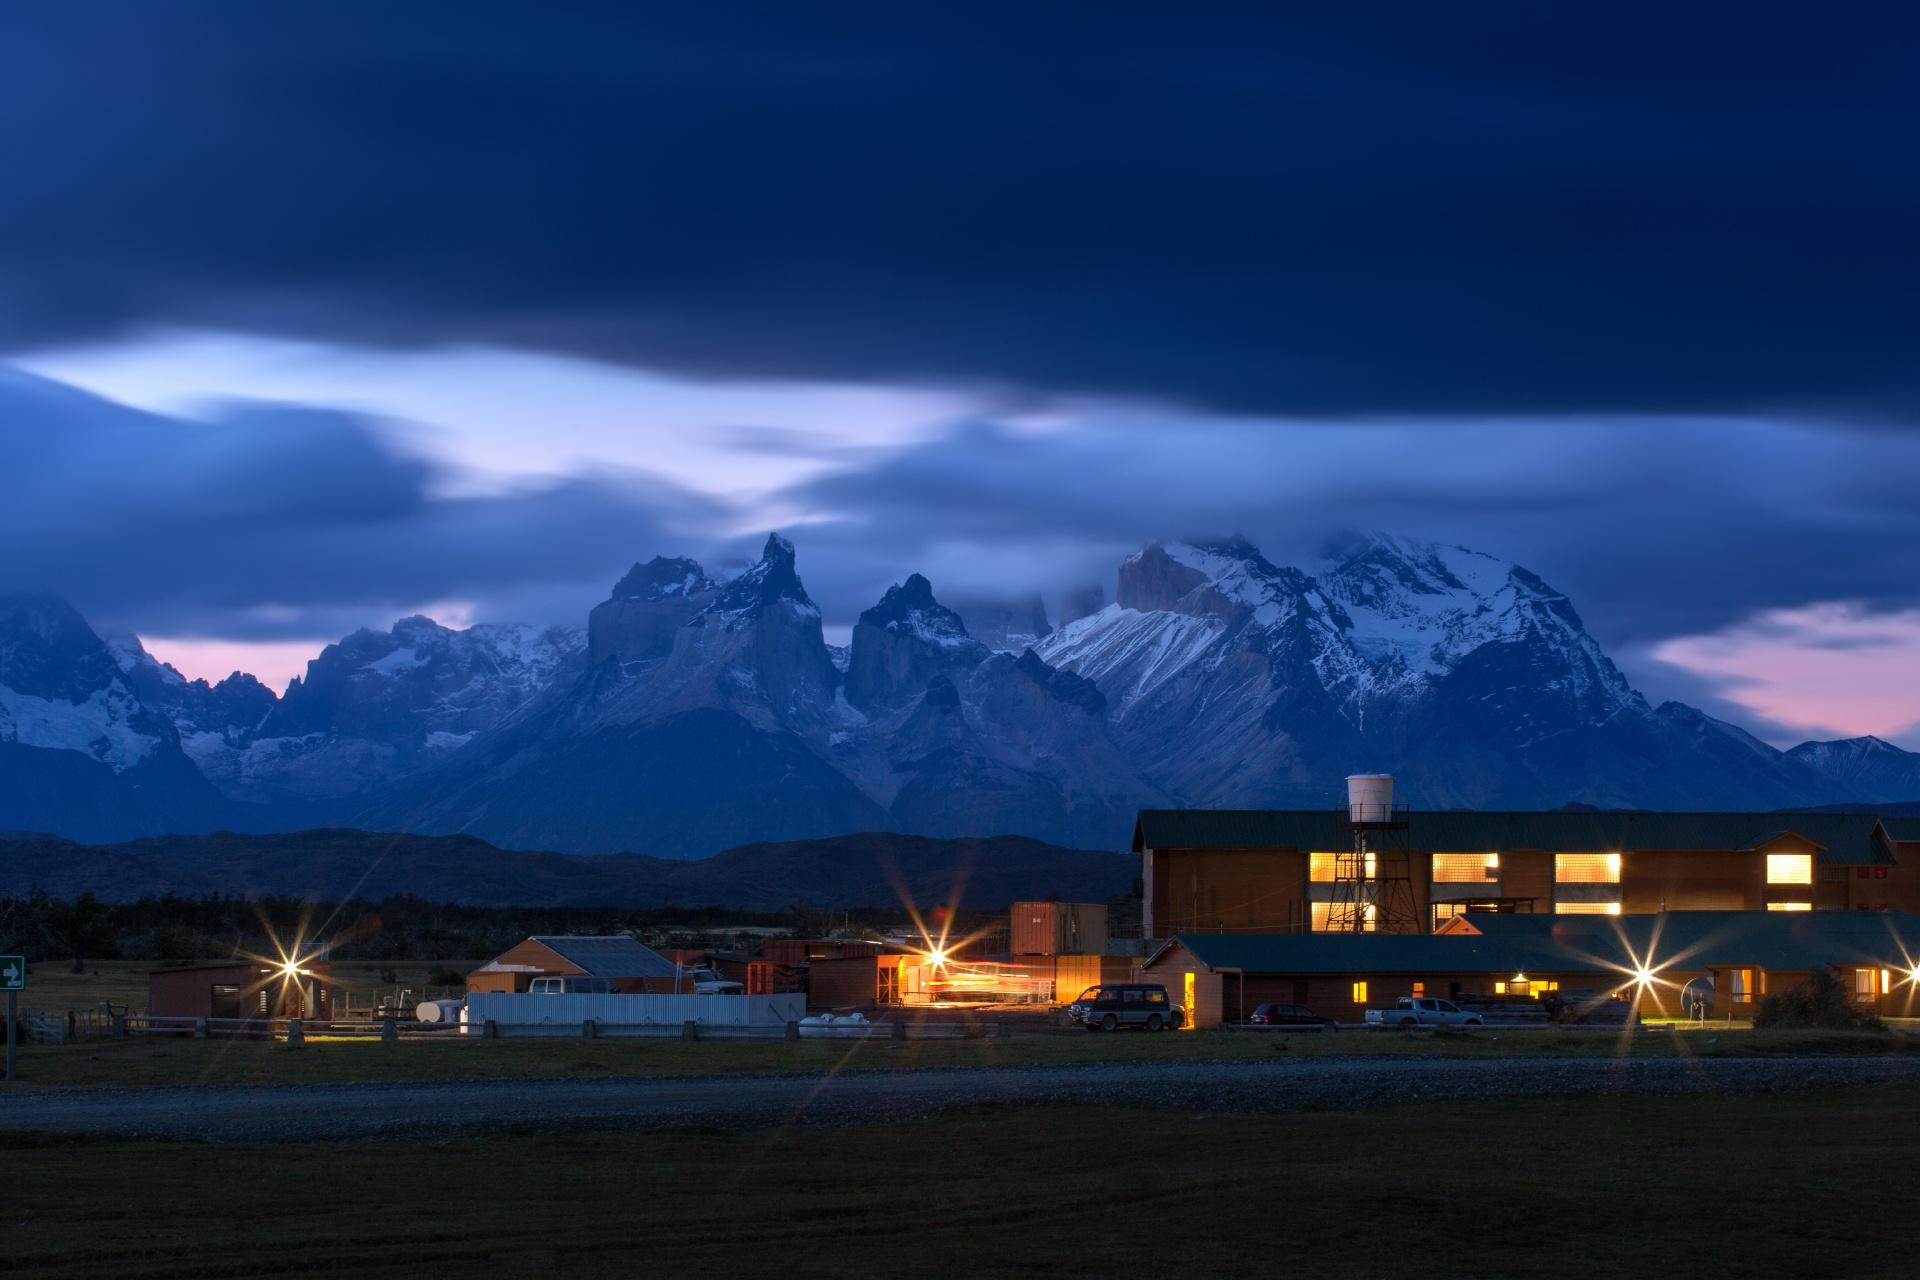 夜のパタゴニア チリの風景